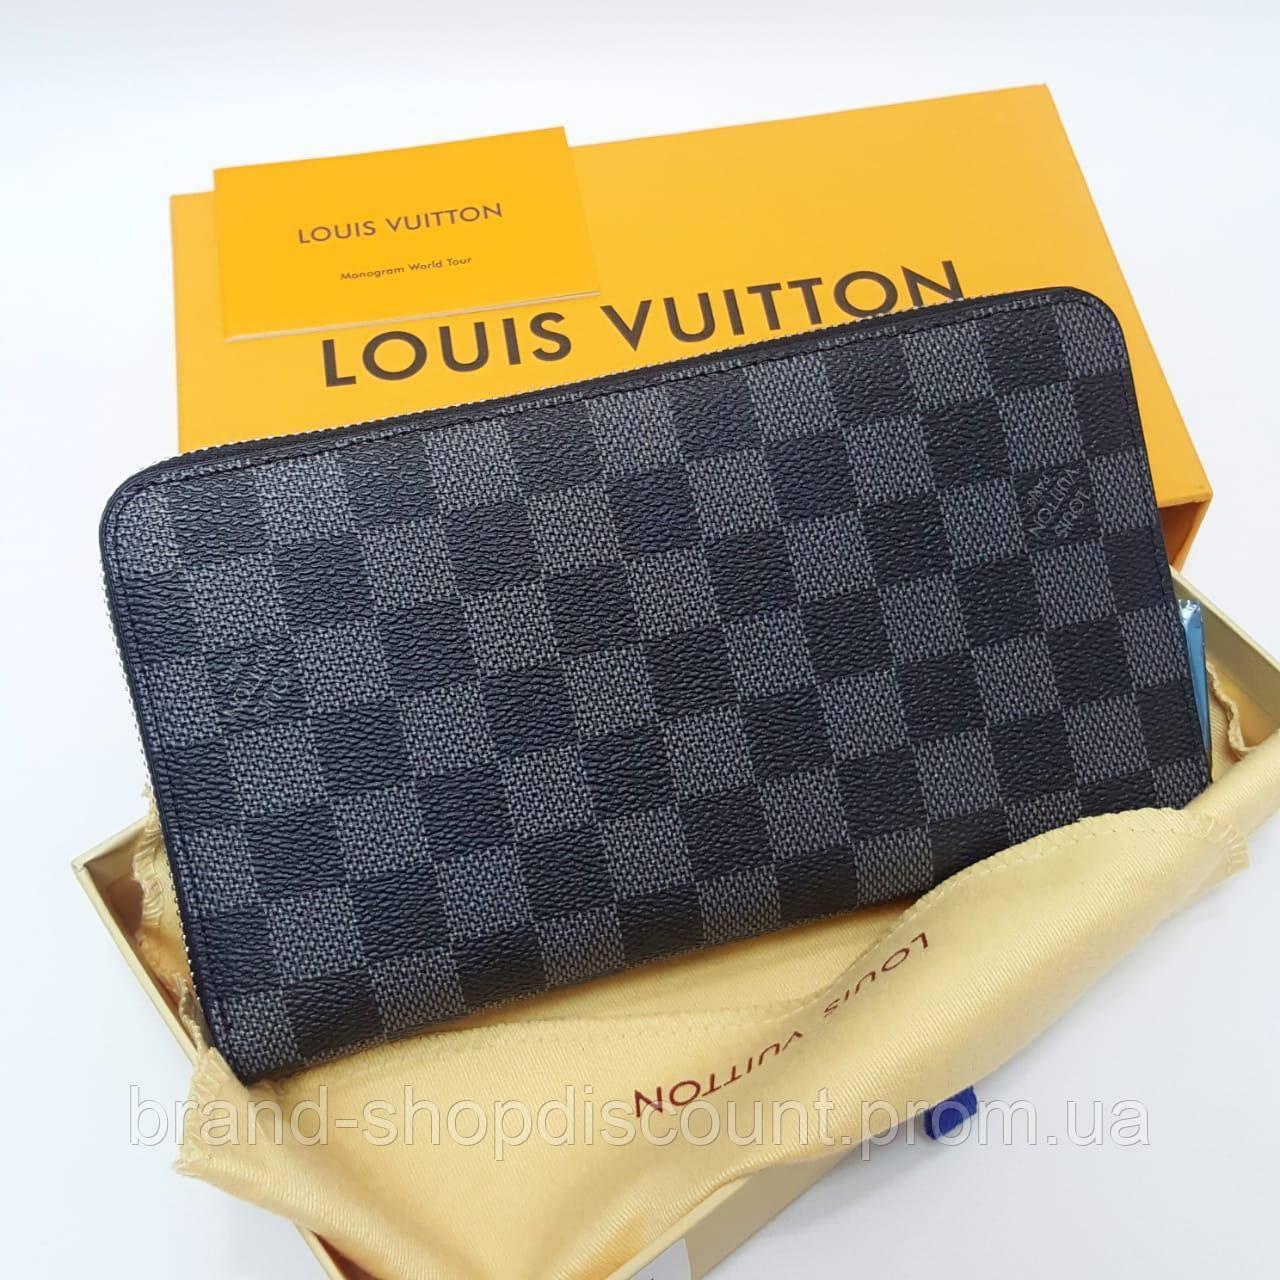 c3bc6eb0f020 Модный кошелек Louis Vuitton: продажа, цена в Днепре. кошельки и ...